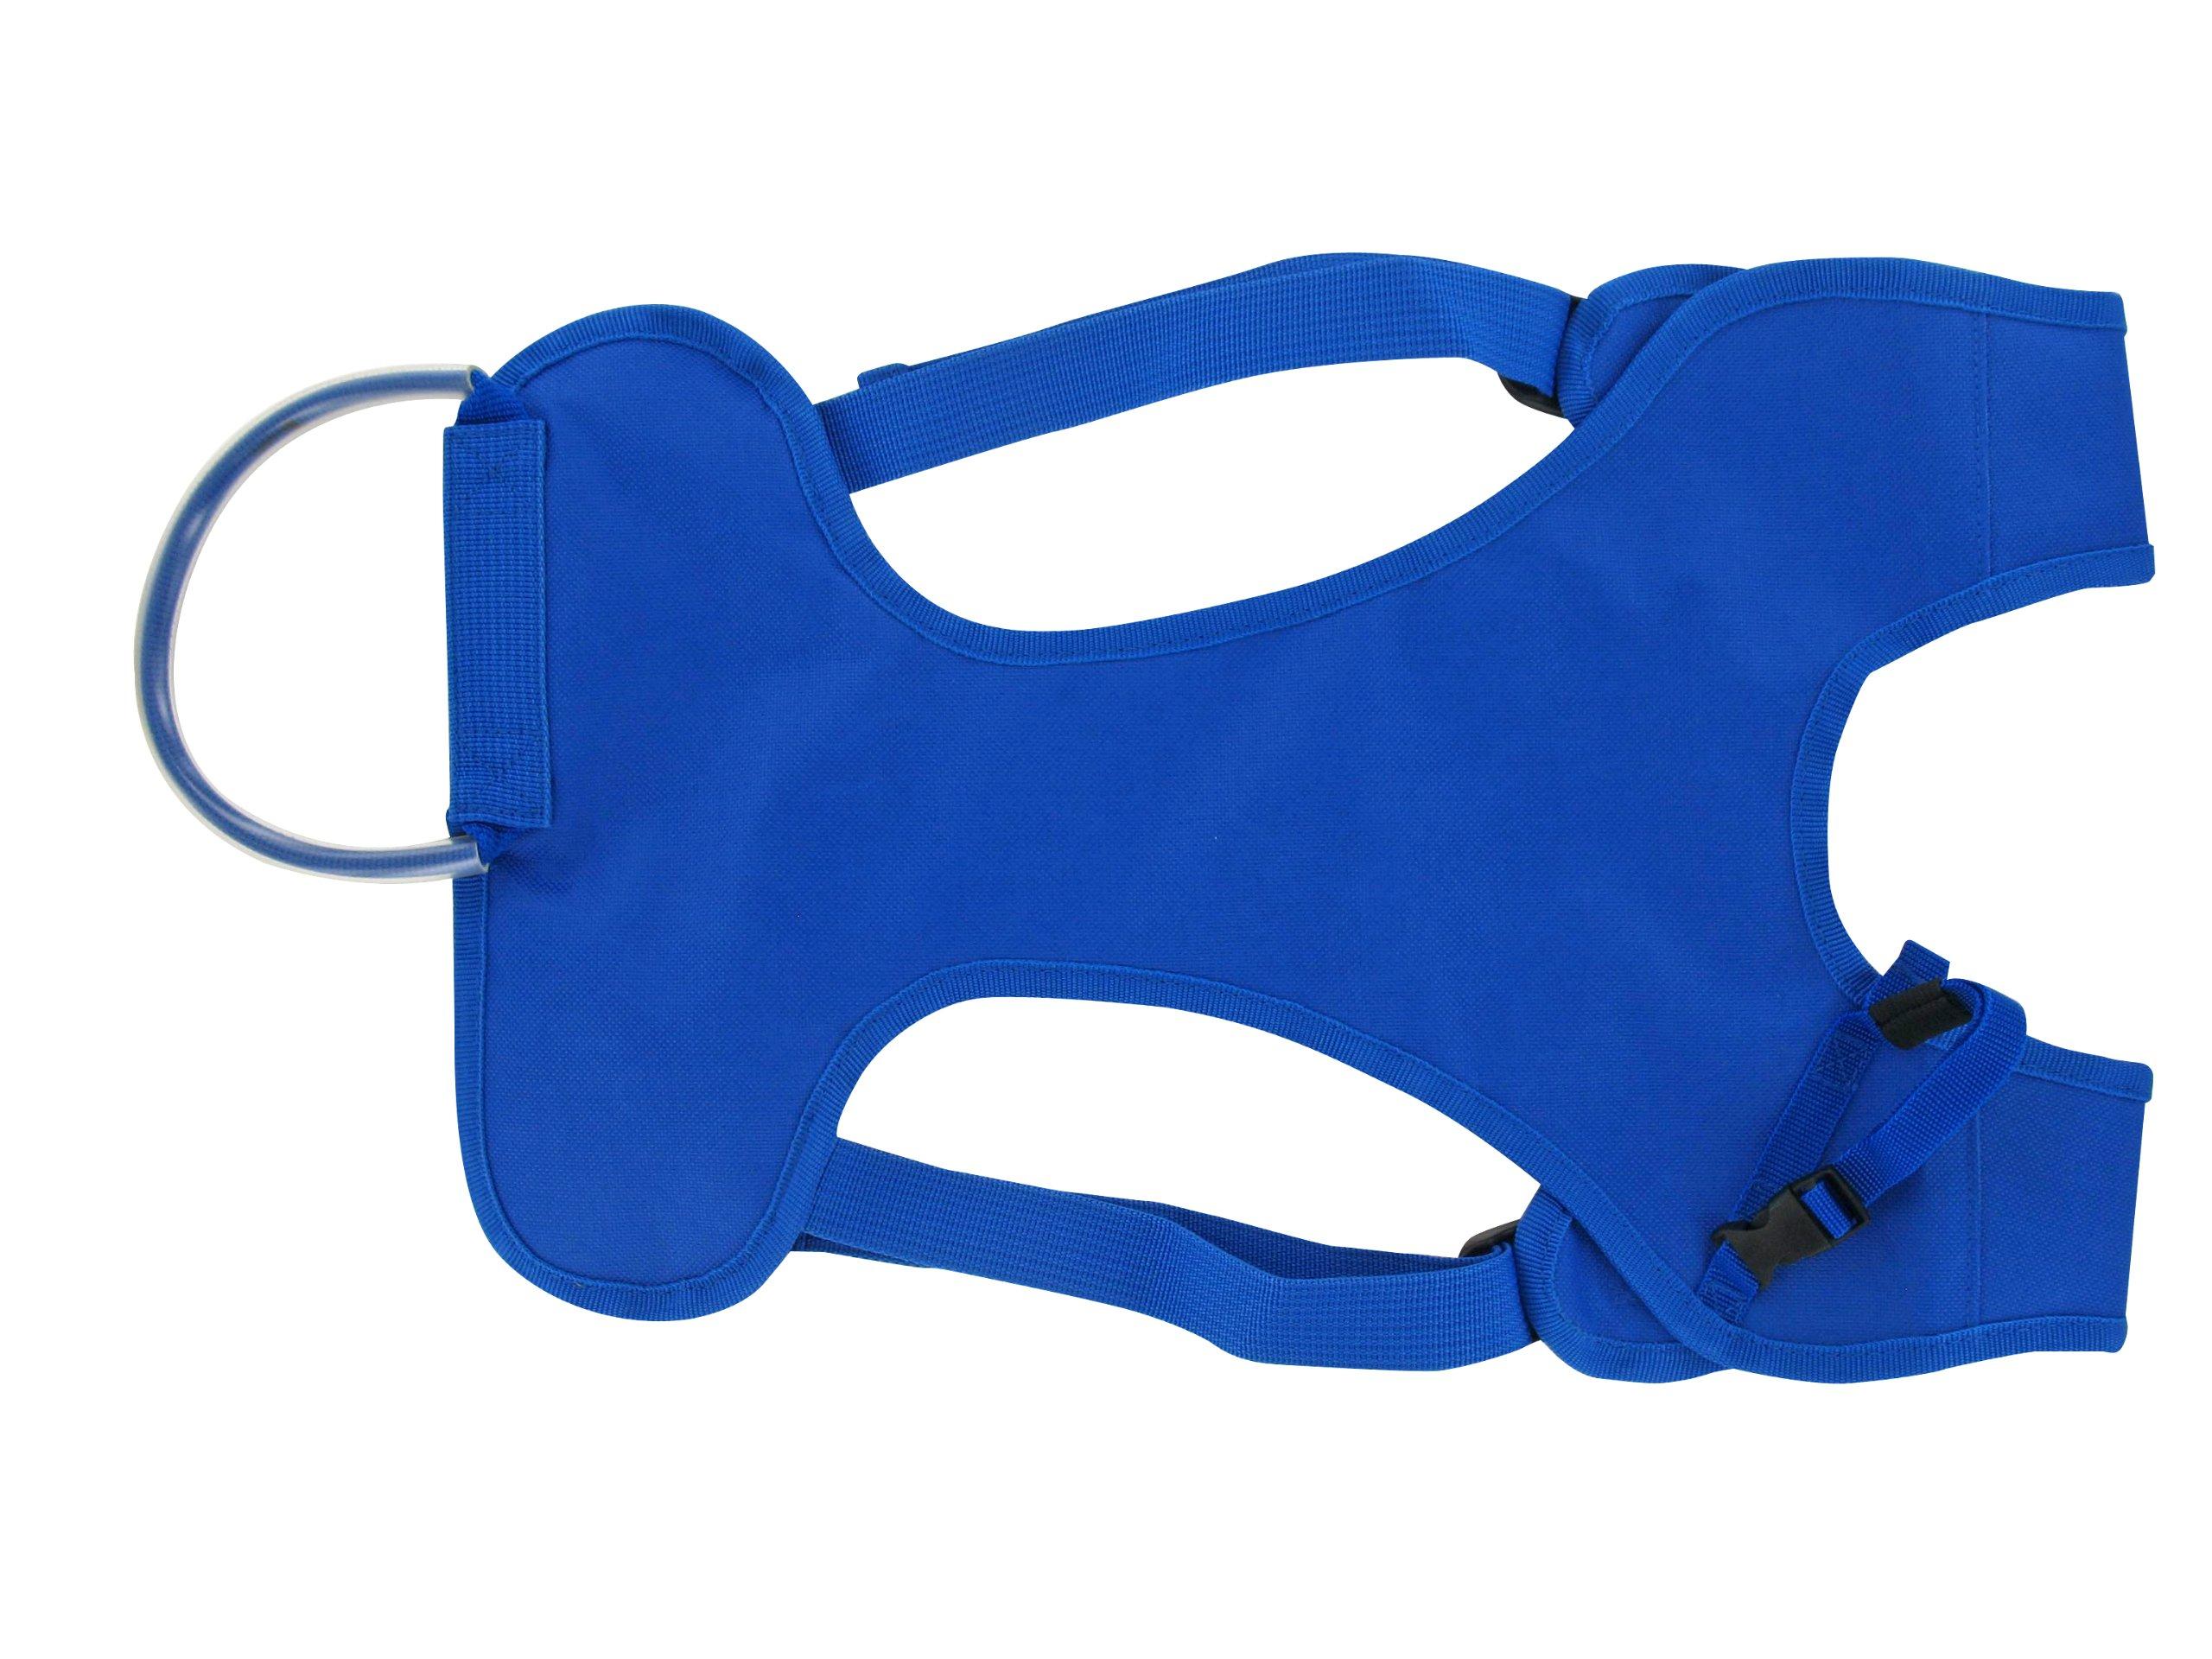 Wantalis - Skiback - Un produit révolutionnaire pour porter vos skis en libérant vos mains - Bretelles adaptables et réglables product image